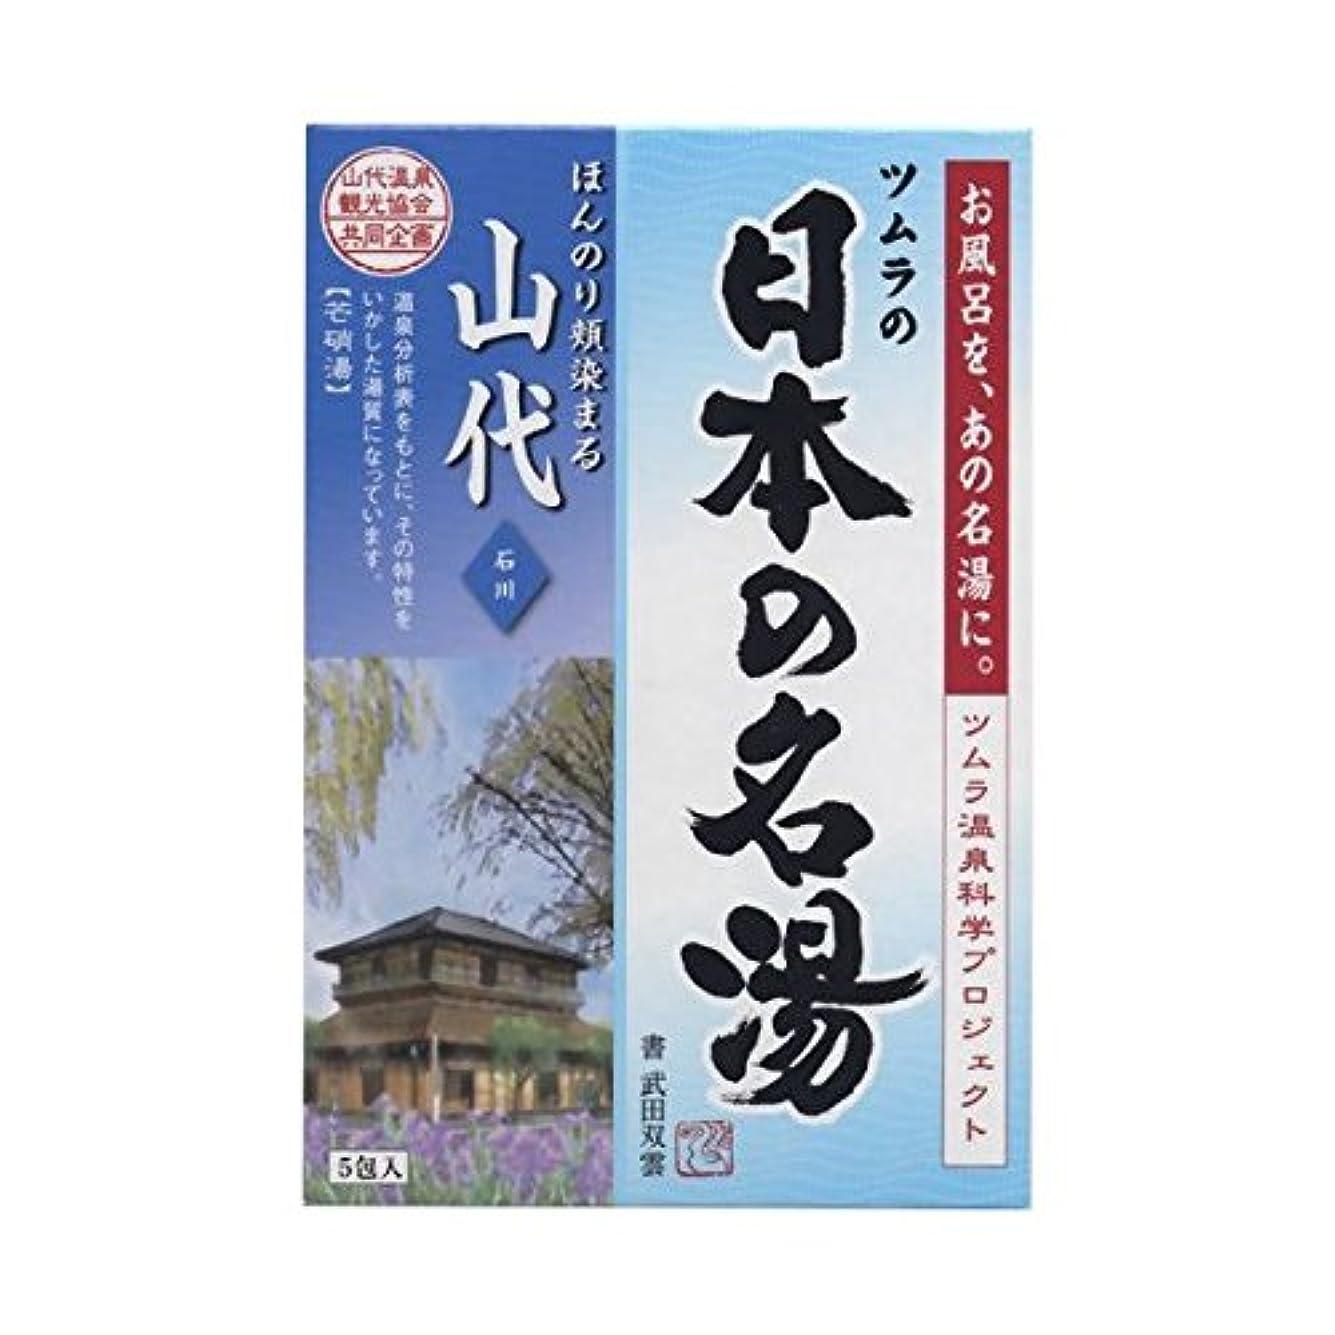 良性批評たるみ【お徳用 5 セット】 日本の名湯 山代 30g×5包入(入浴剤)×5セット